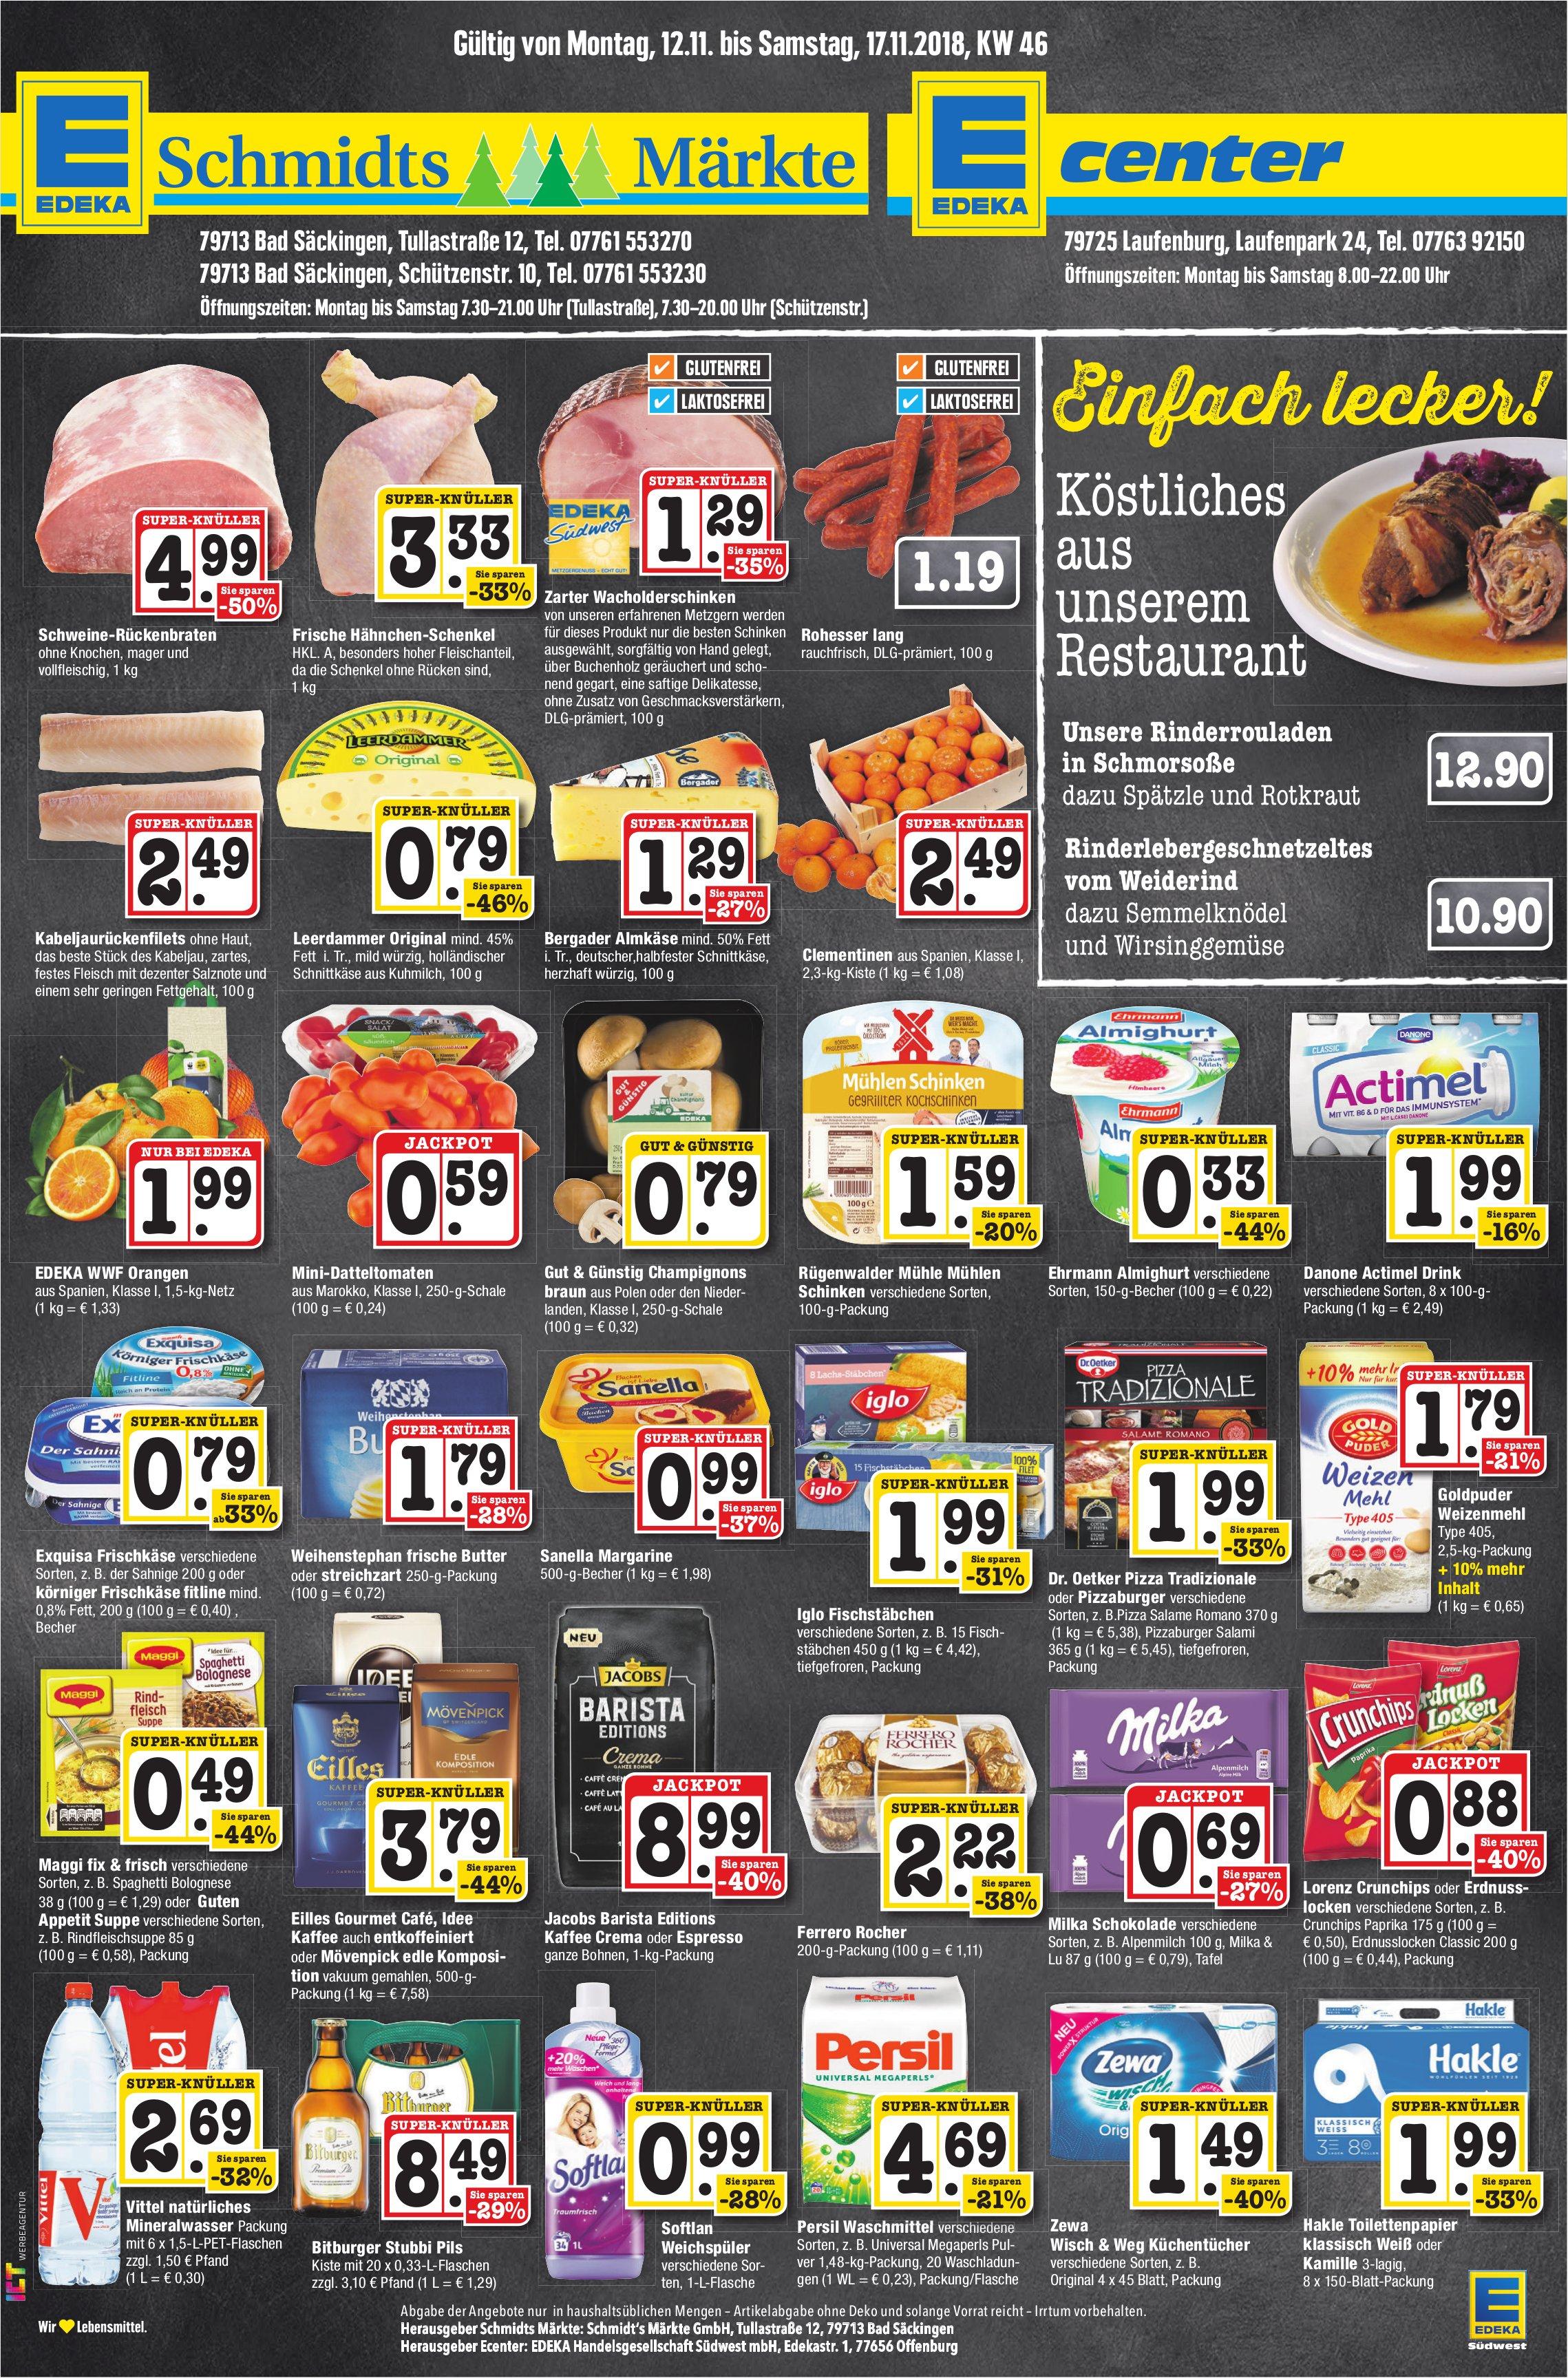 EDEKA Schmidts Märkte/ EDEKA Center - Angebote gültig vom 12. bis 17. November